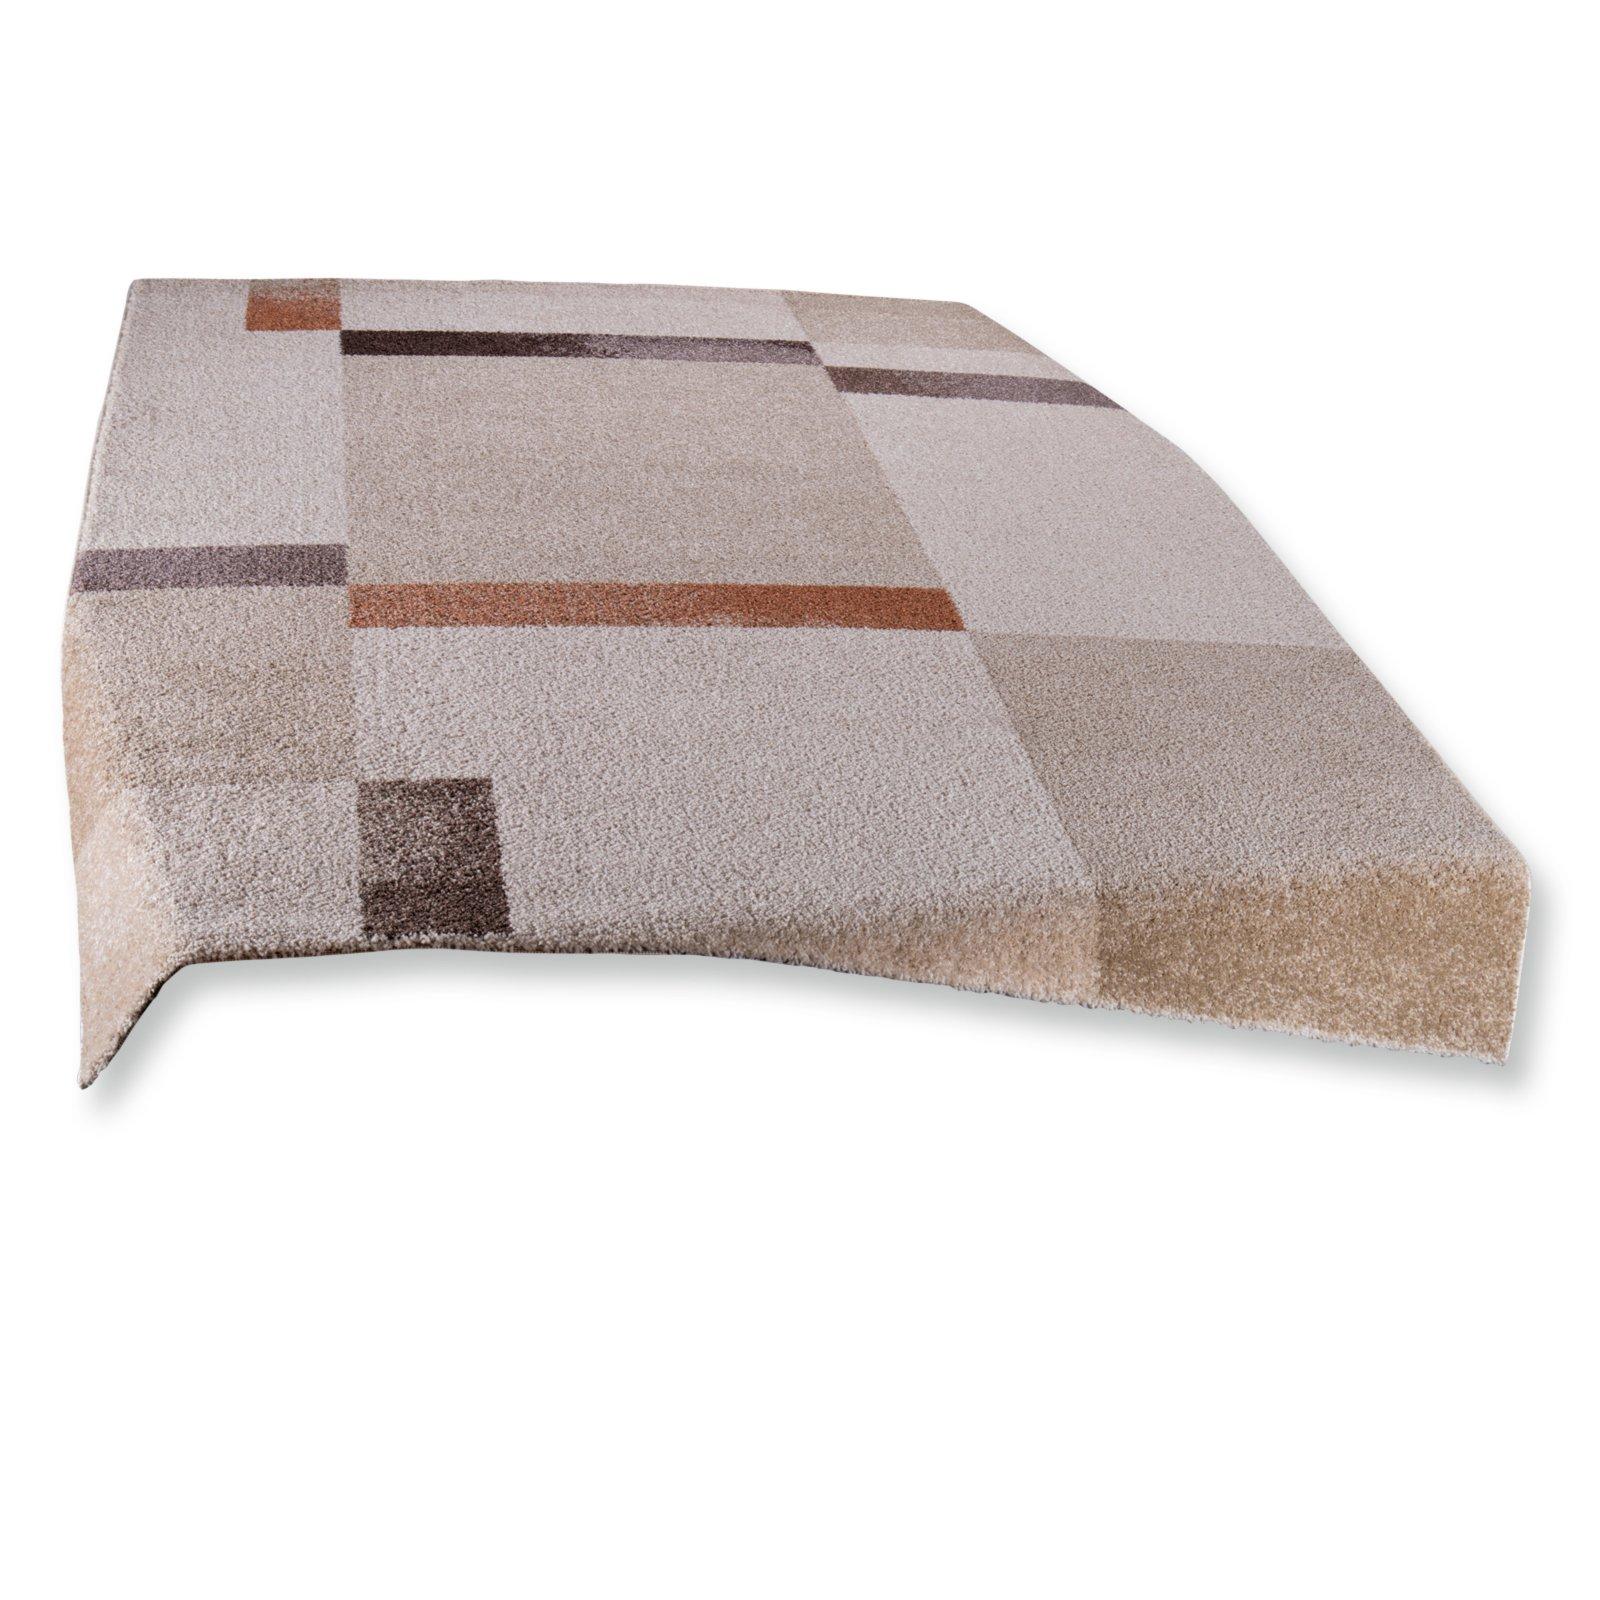 teppich vera beige 160x230 cm gemusterte teppiche teppiche l ufer deko haushalt. Black Bedroom Furniture Sets. Home Design Ideas